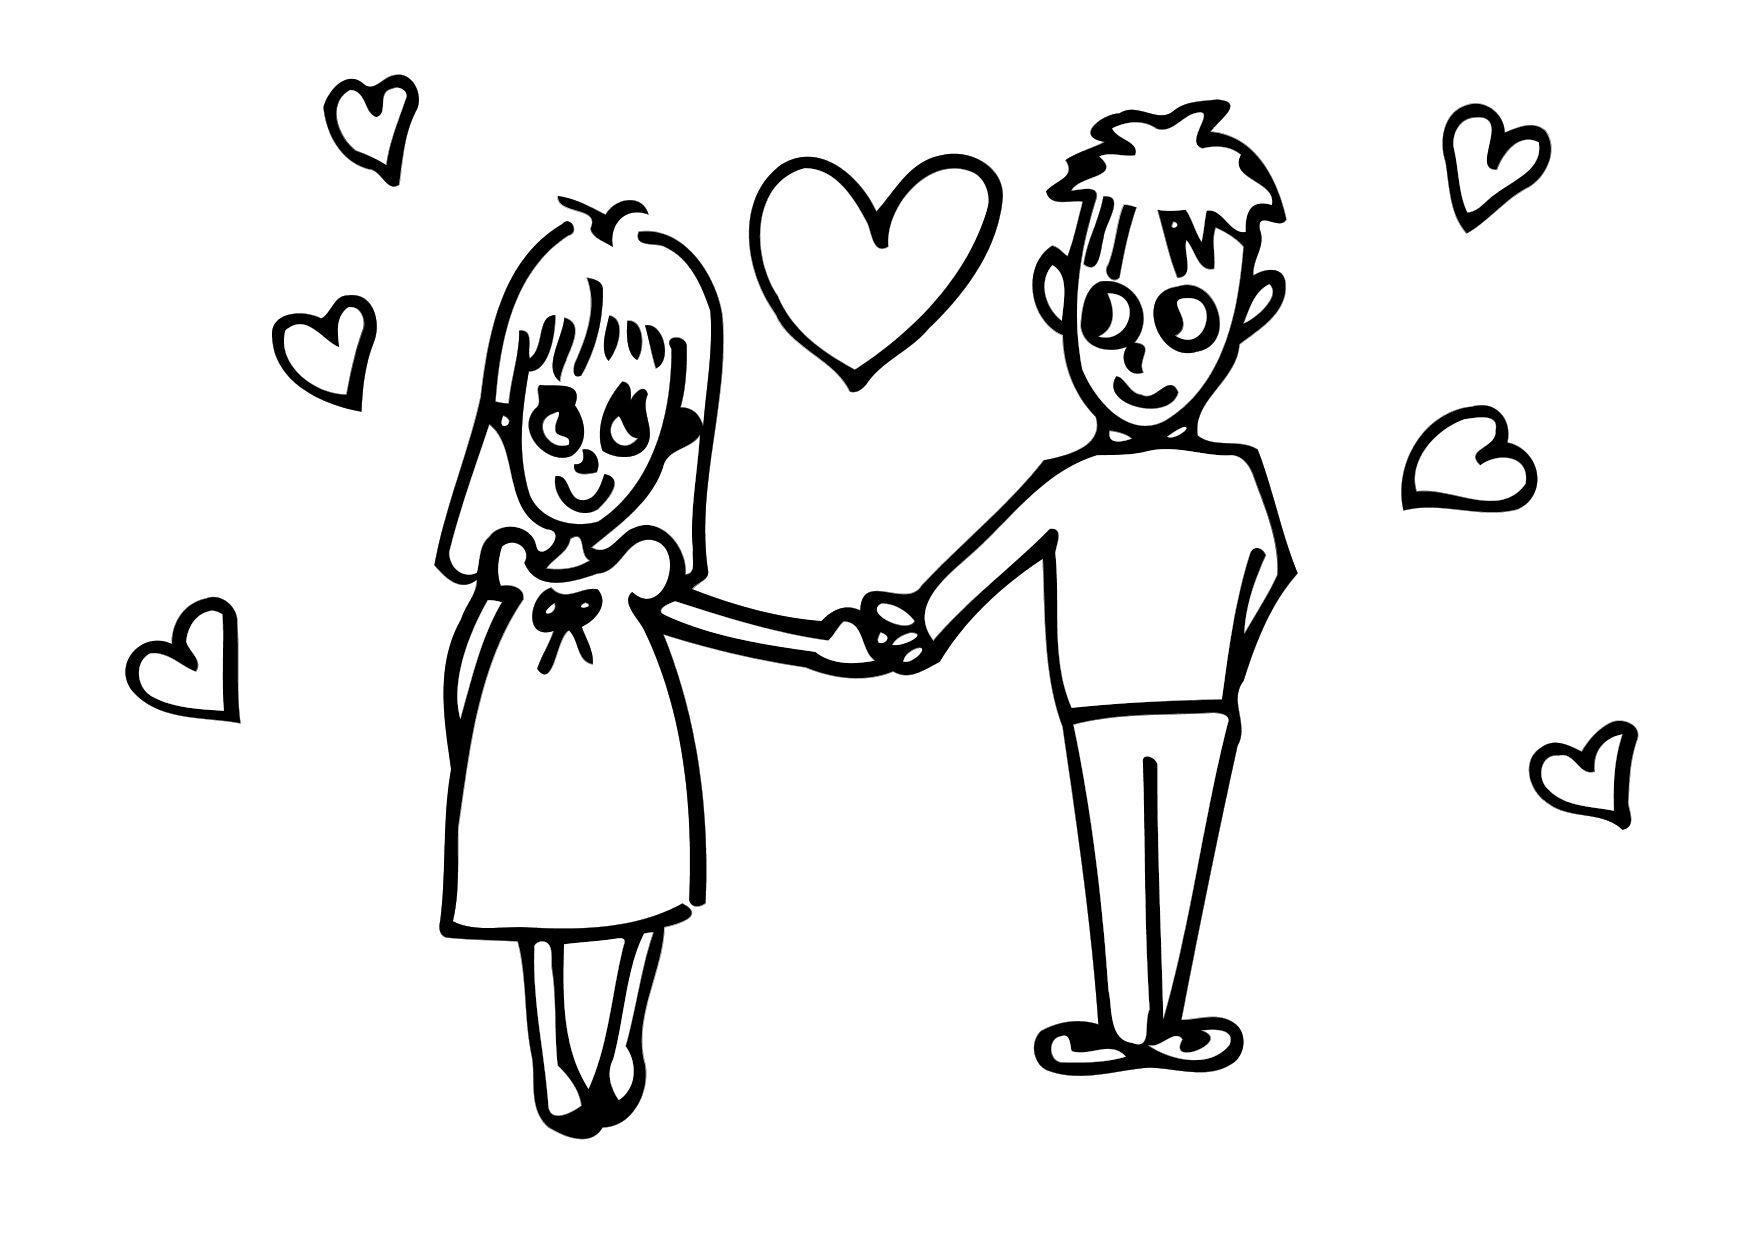 Dibujos De Amor Para Colorear: Dibujo Para Colorear Amor